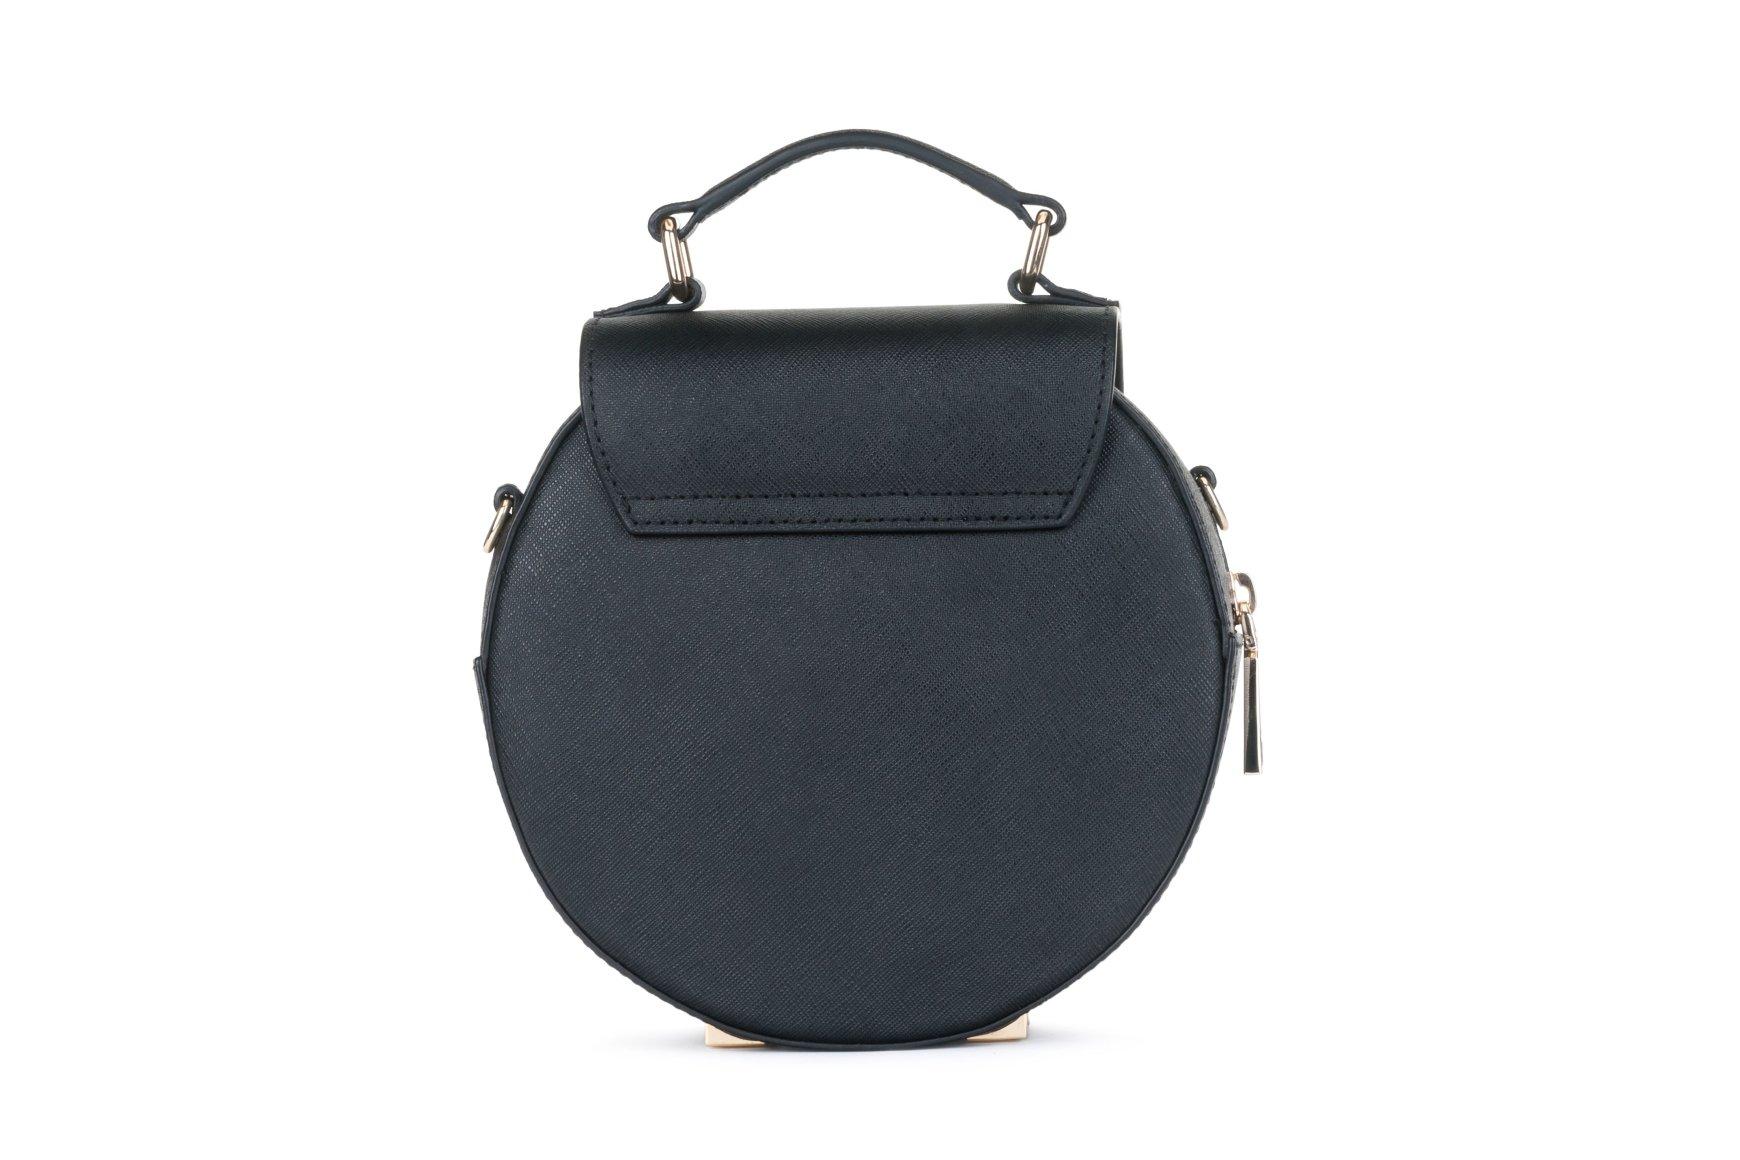 39854adee2ad Купить сумку из из гладкой телячьей кожи IT Becca Cromia Украина - Estro